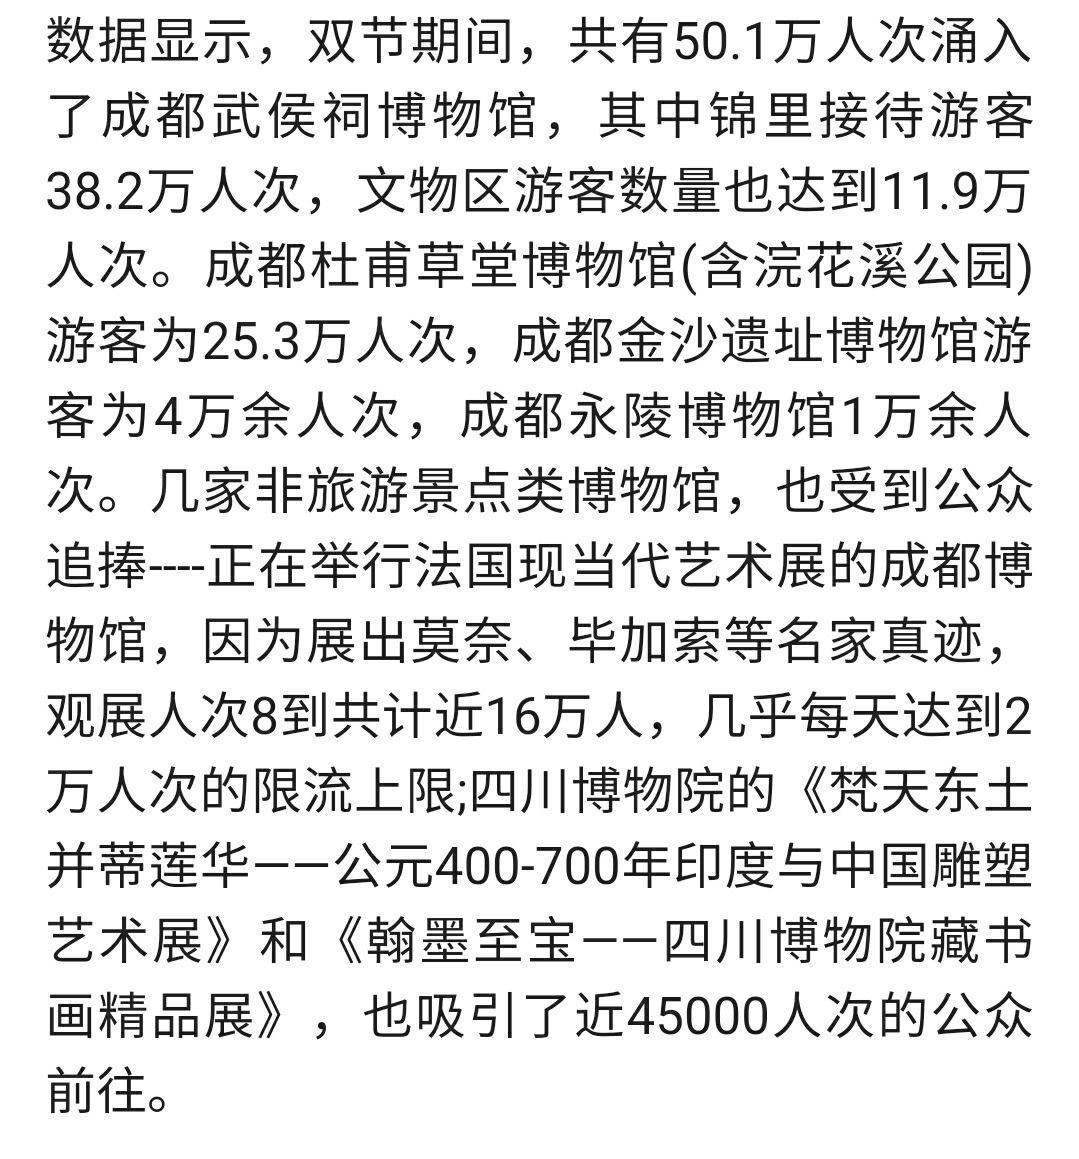 Screenshot_20171009-100502-780.jpg